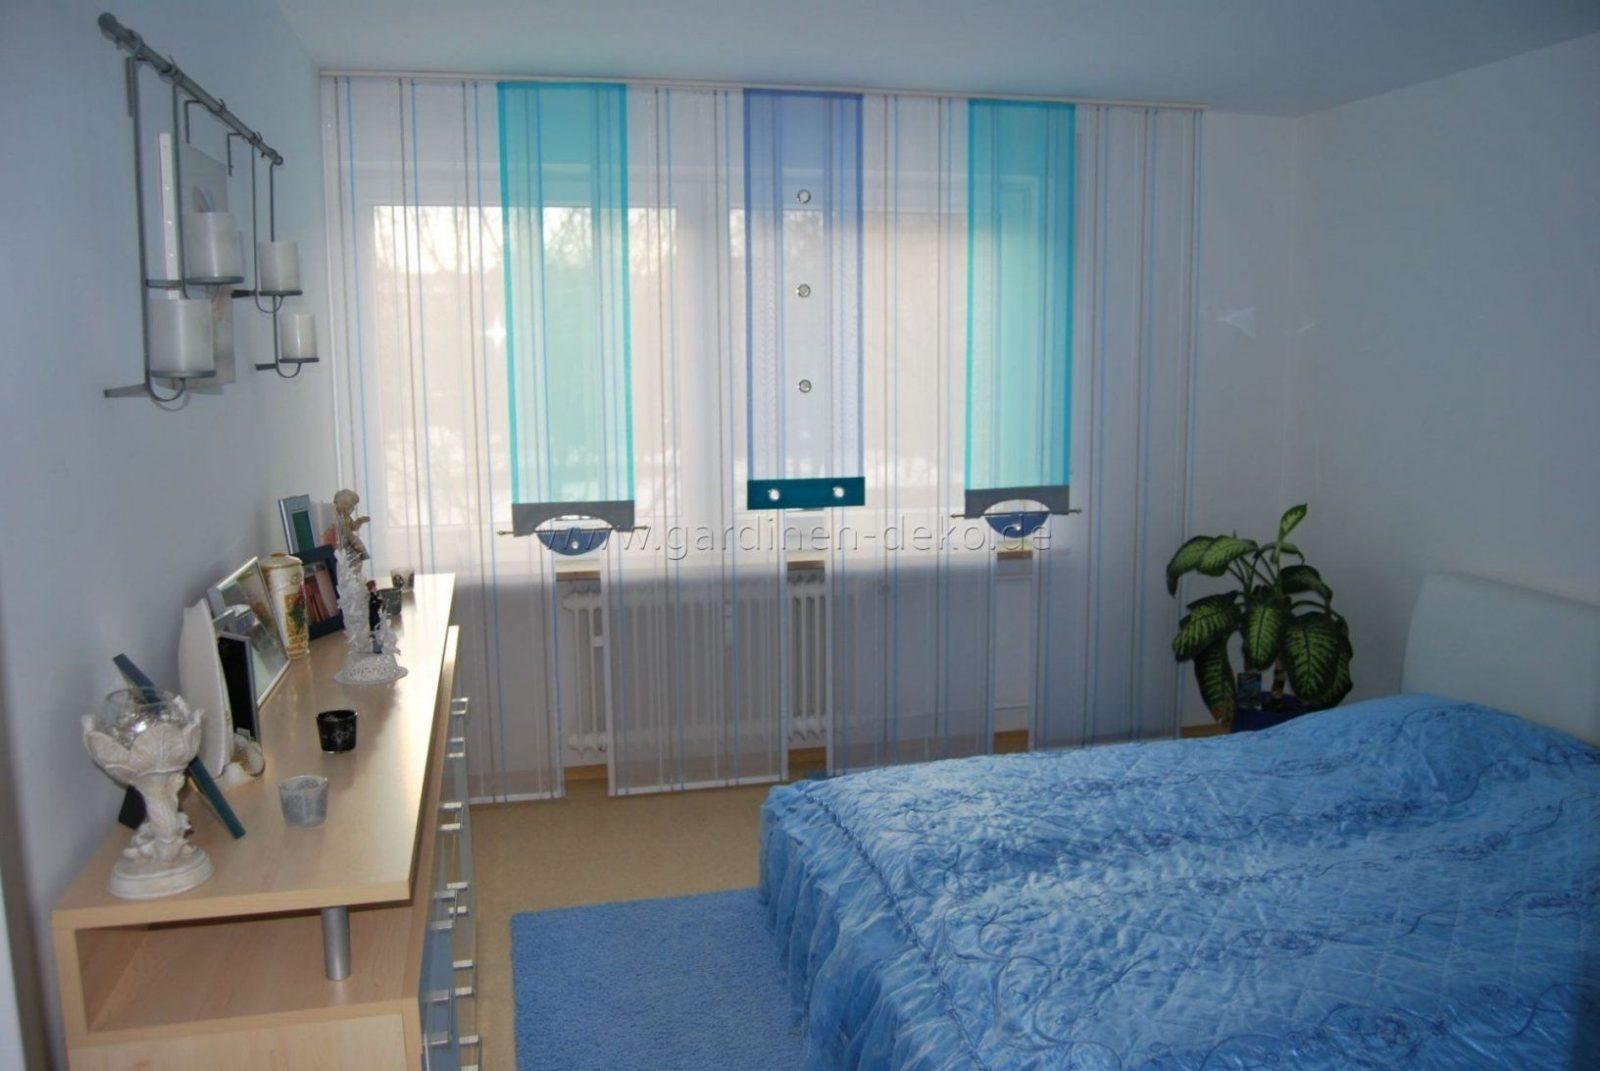 Schlafzimmer Schrecklich Schlafzimmer Gardinen Attraktiv von Schlafzimmer Gardinen Bilder Photo